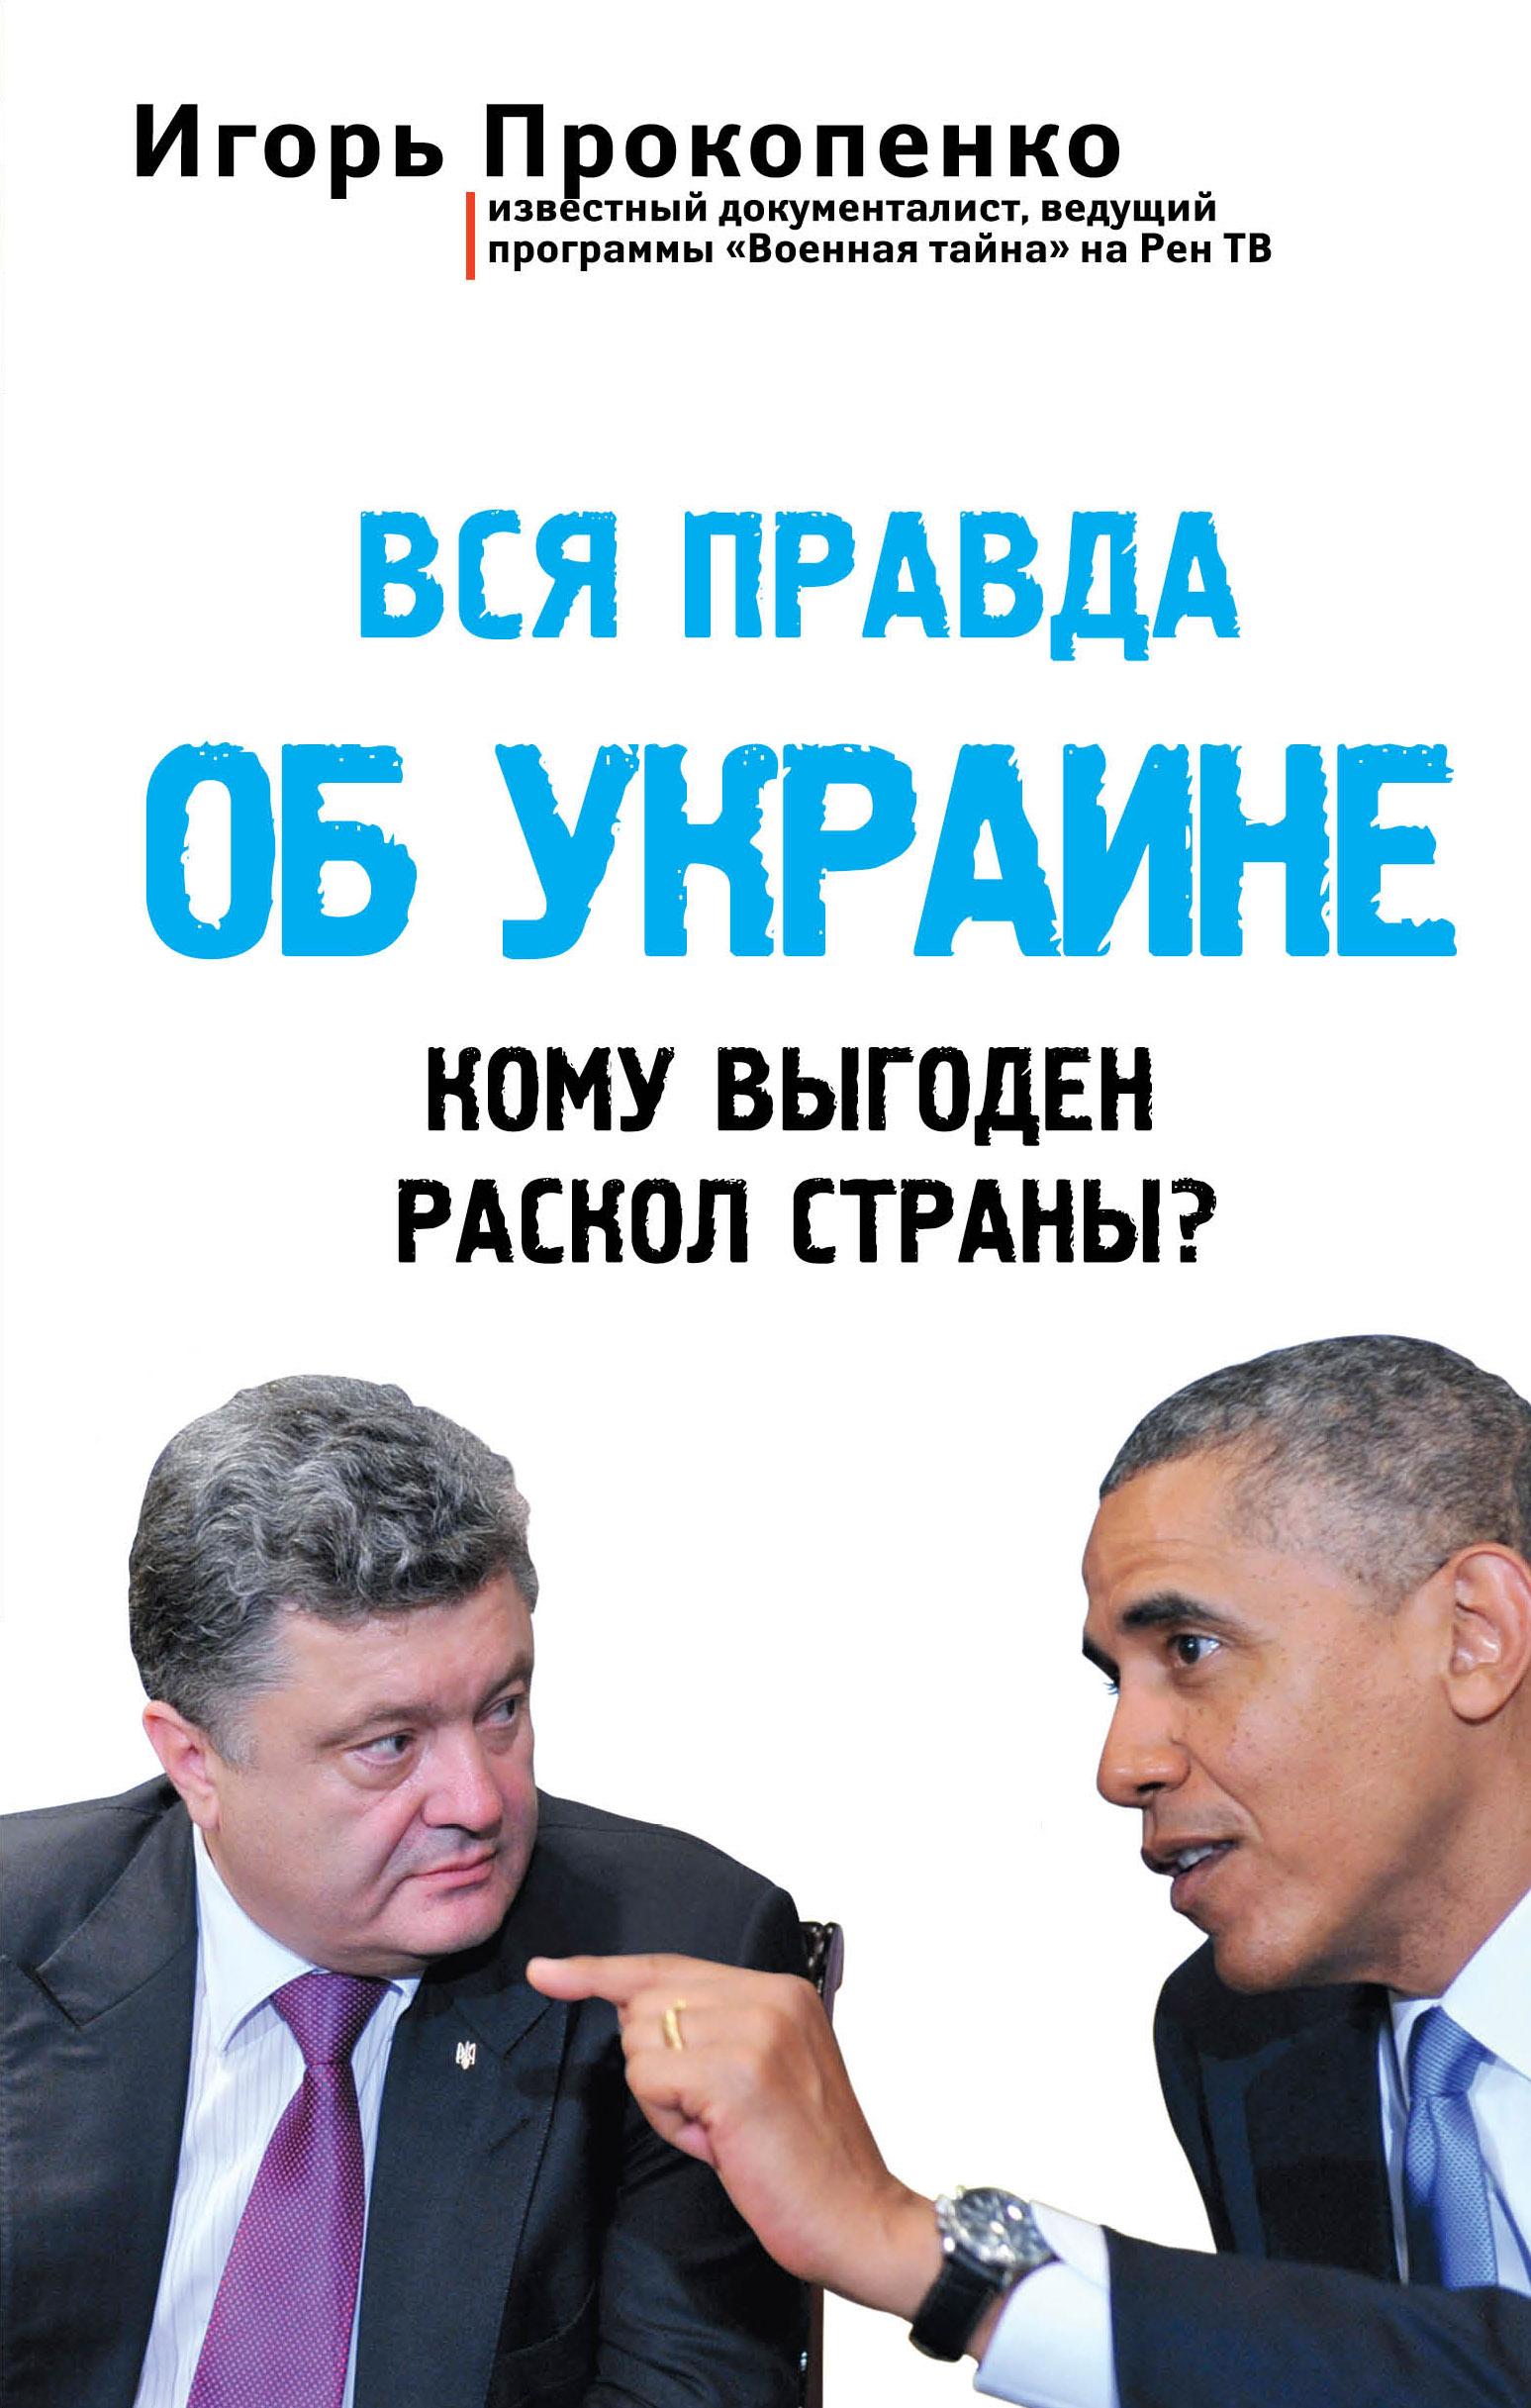 Игорь Прокопенко Вся правда об Украине. Кому выгоден раскол страны? бдрм в украине